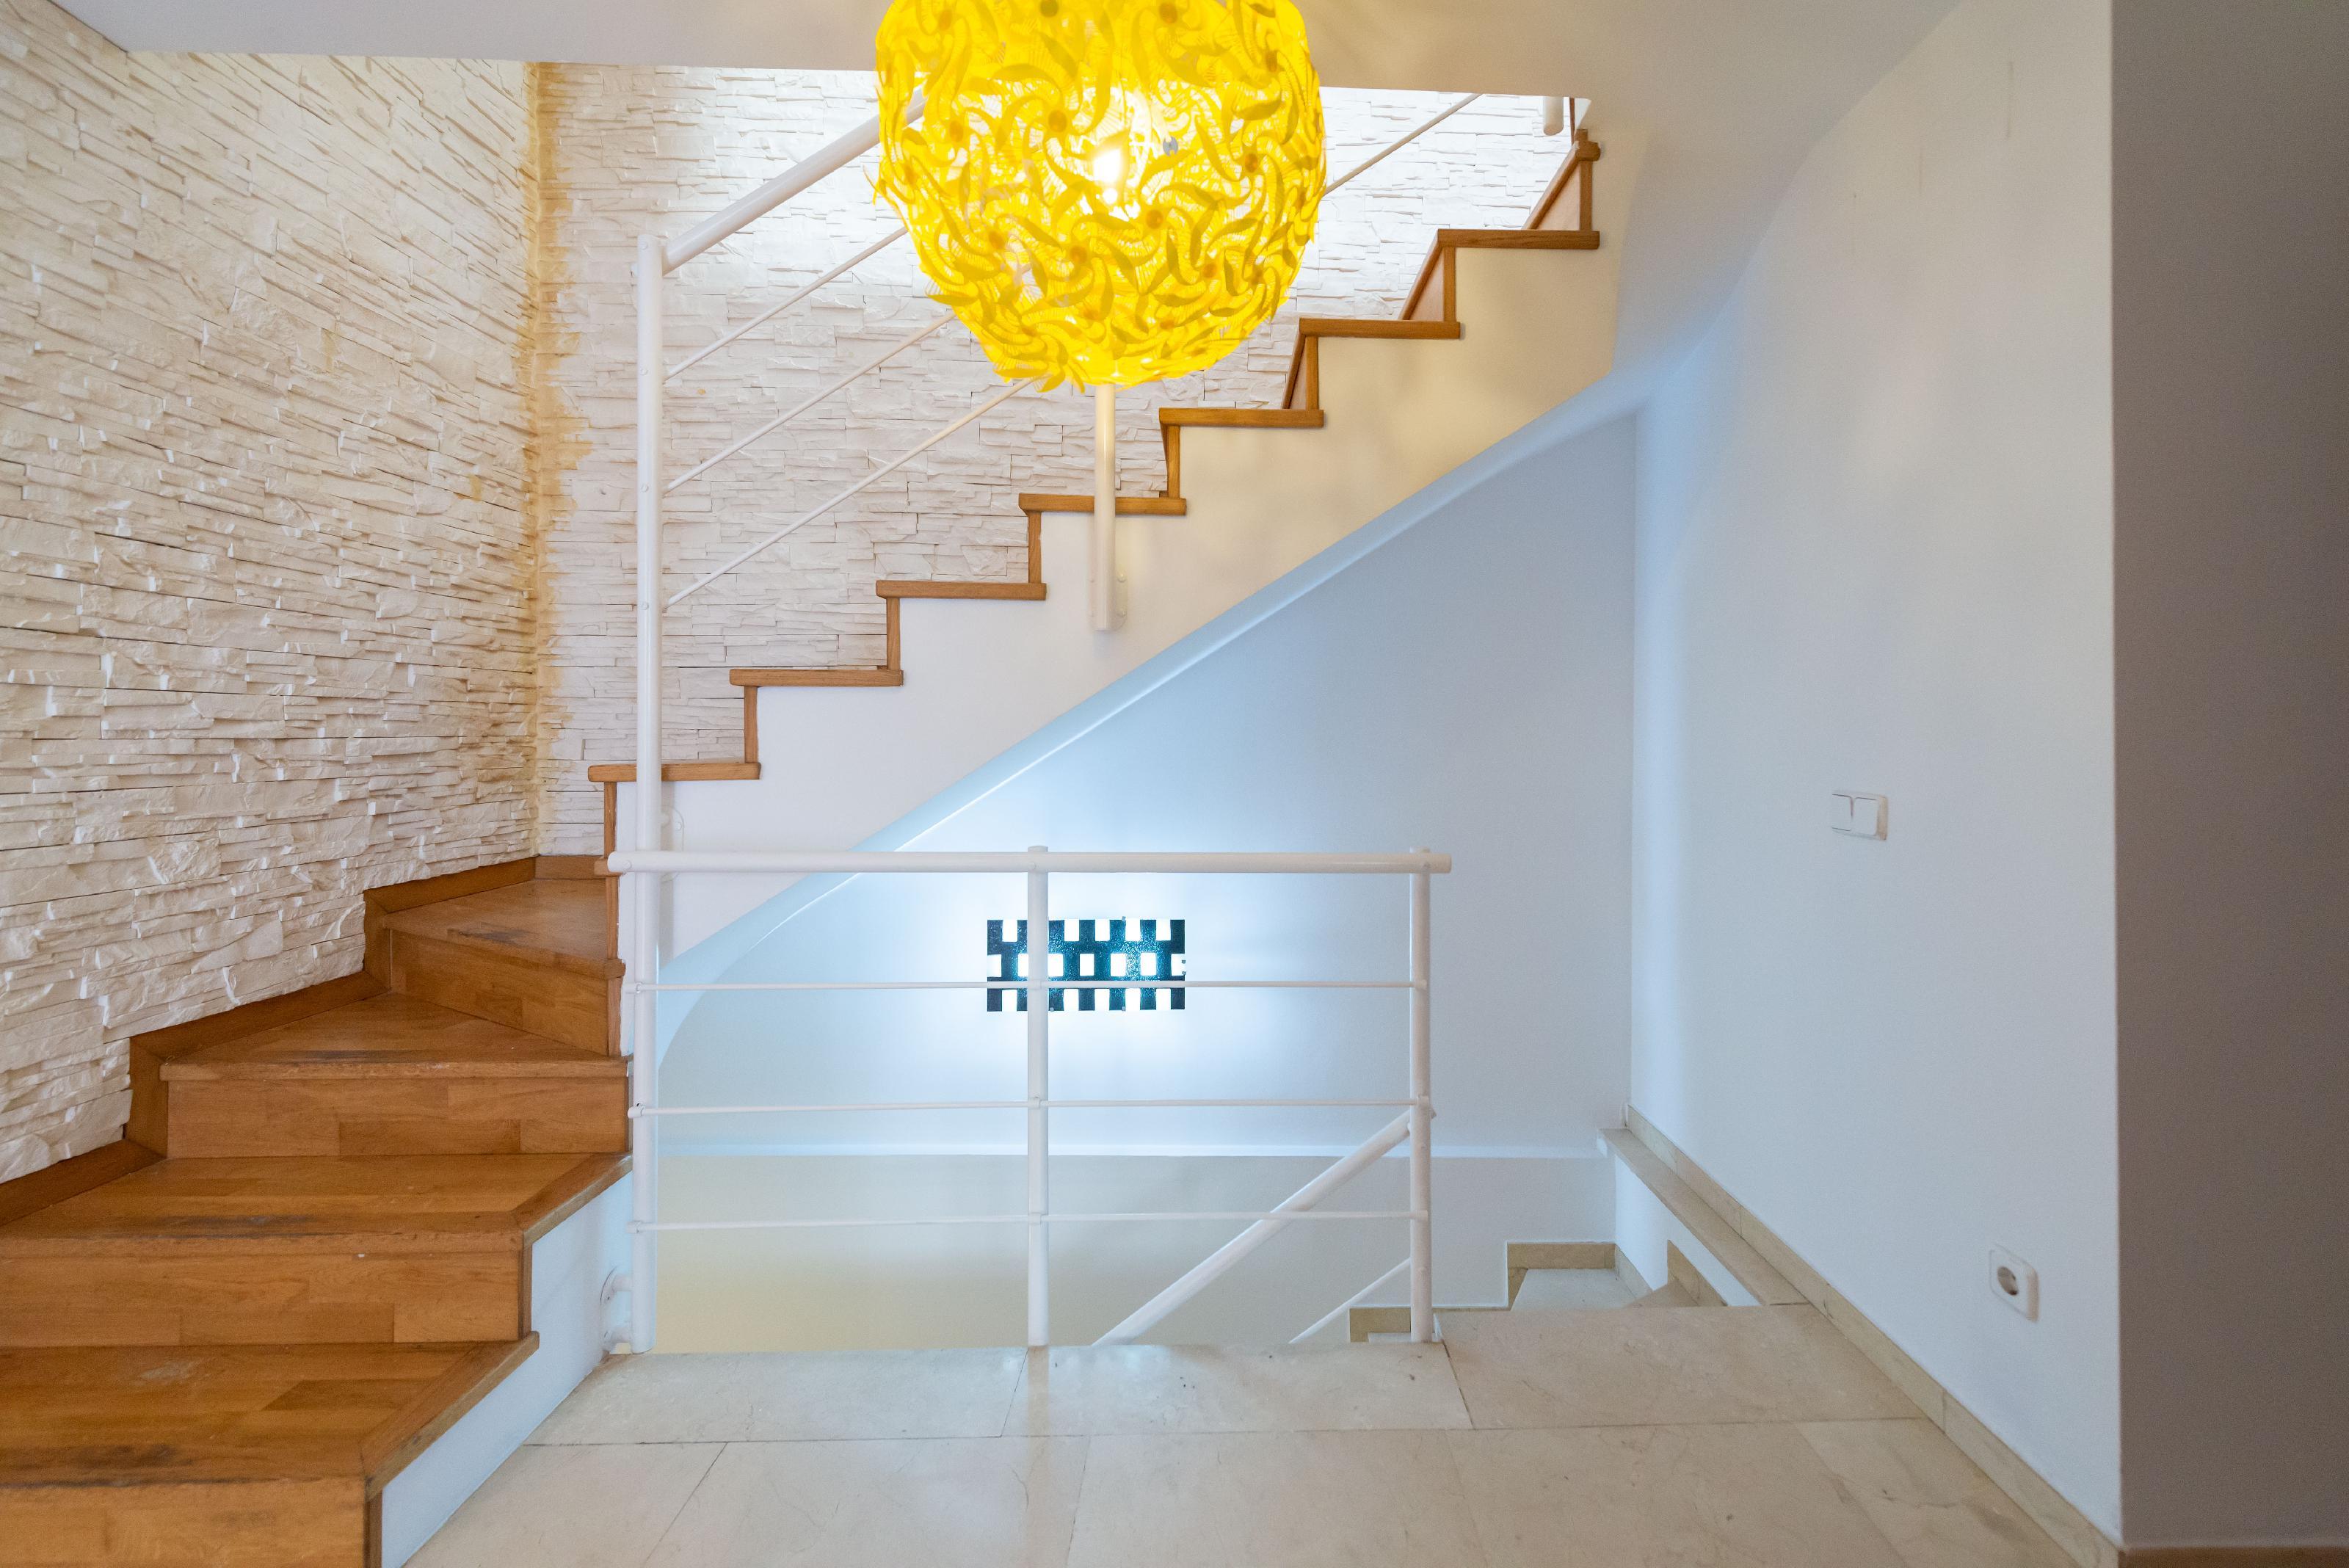 249634 House for sale in Gràcia, Vila de Gràcia 10